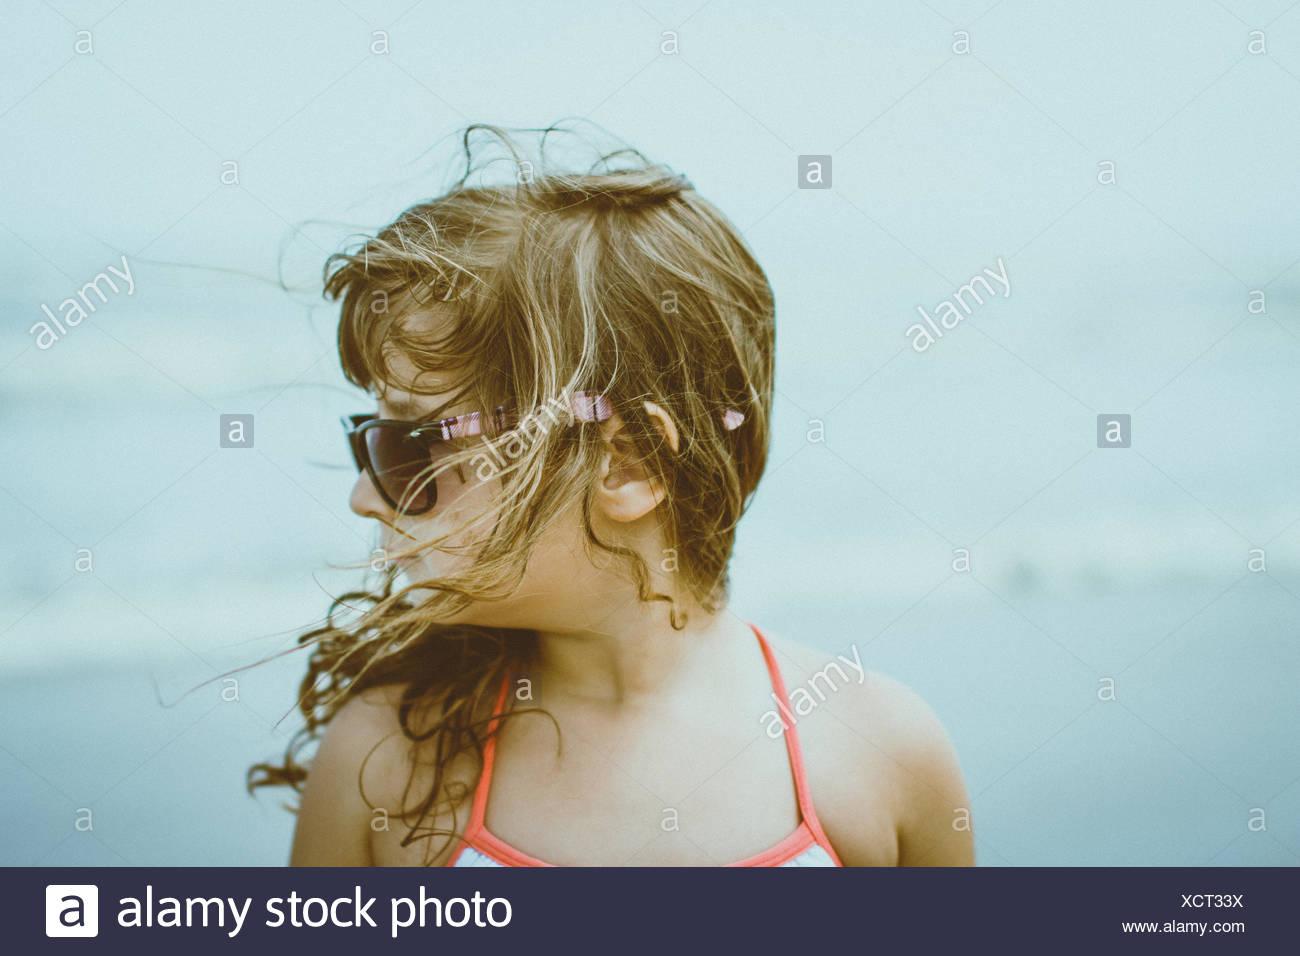 Retrato de niña (4-5) con el pelo rubio alborotado con gafas de sol Imagen De Stock